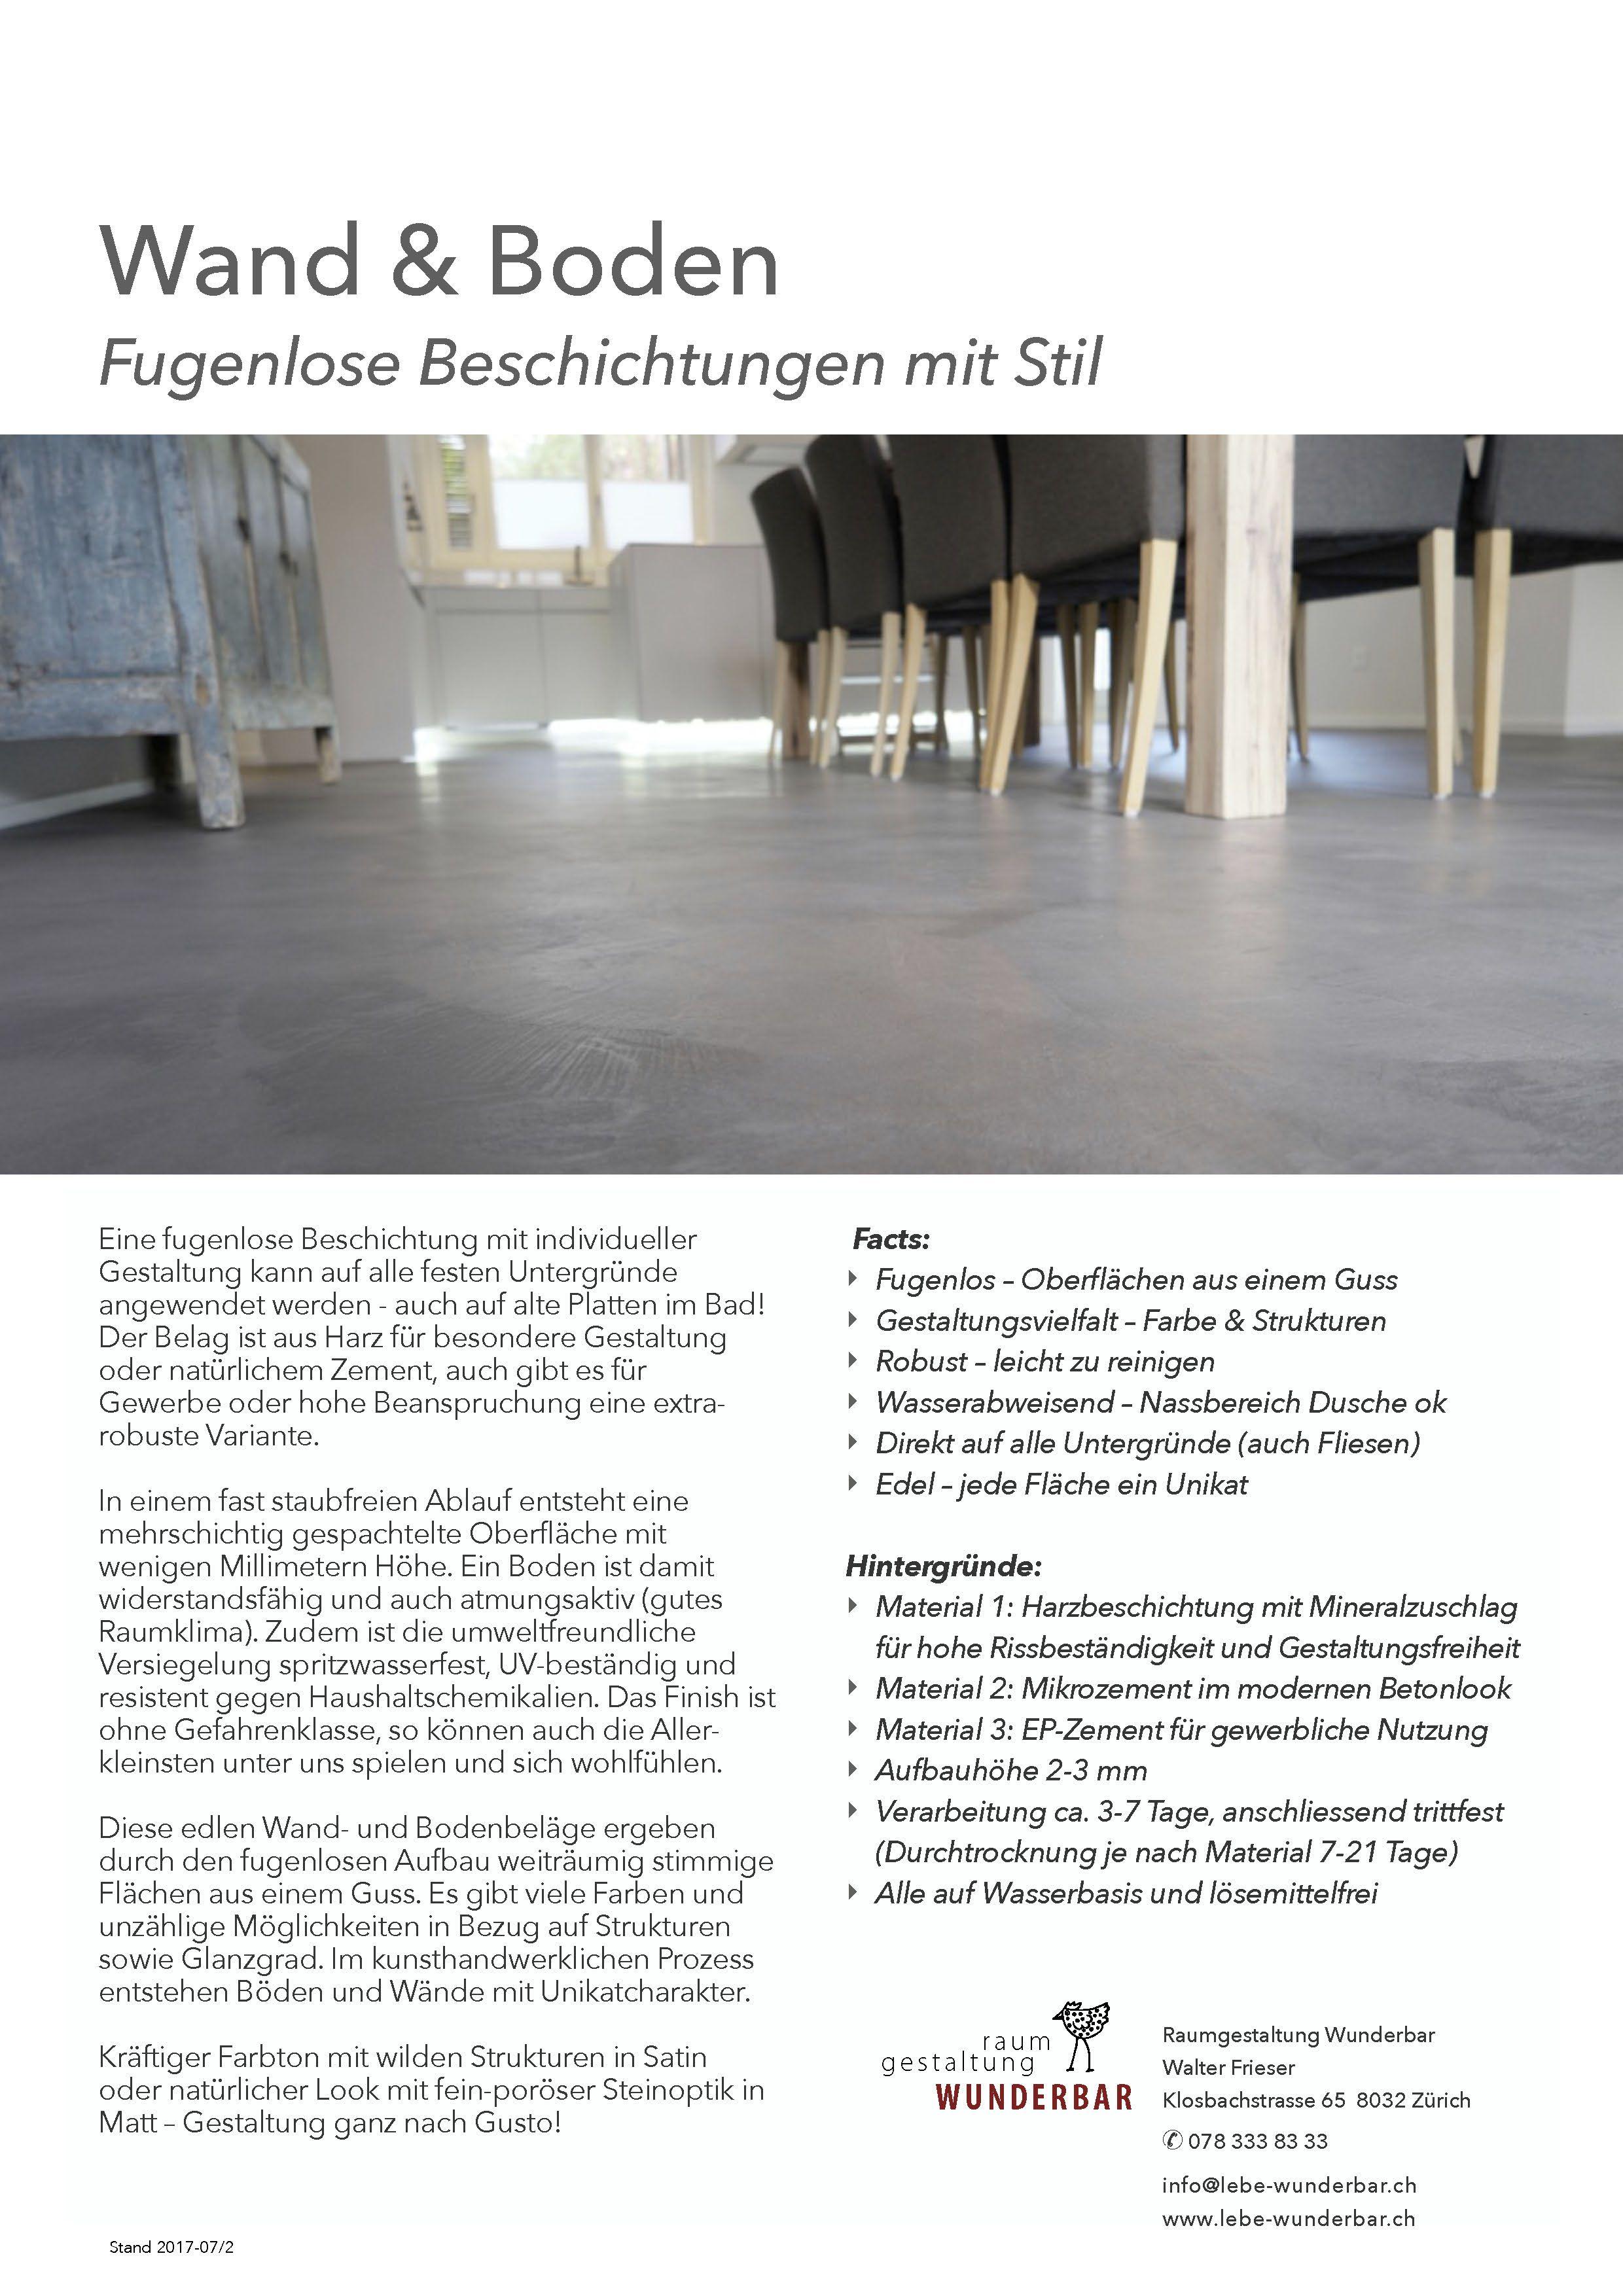 Info Fugenlose Wand Bodenbelage Handwerk Zurich Von